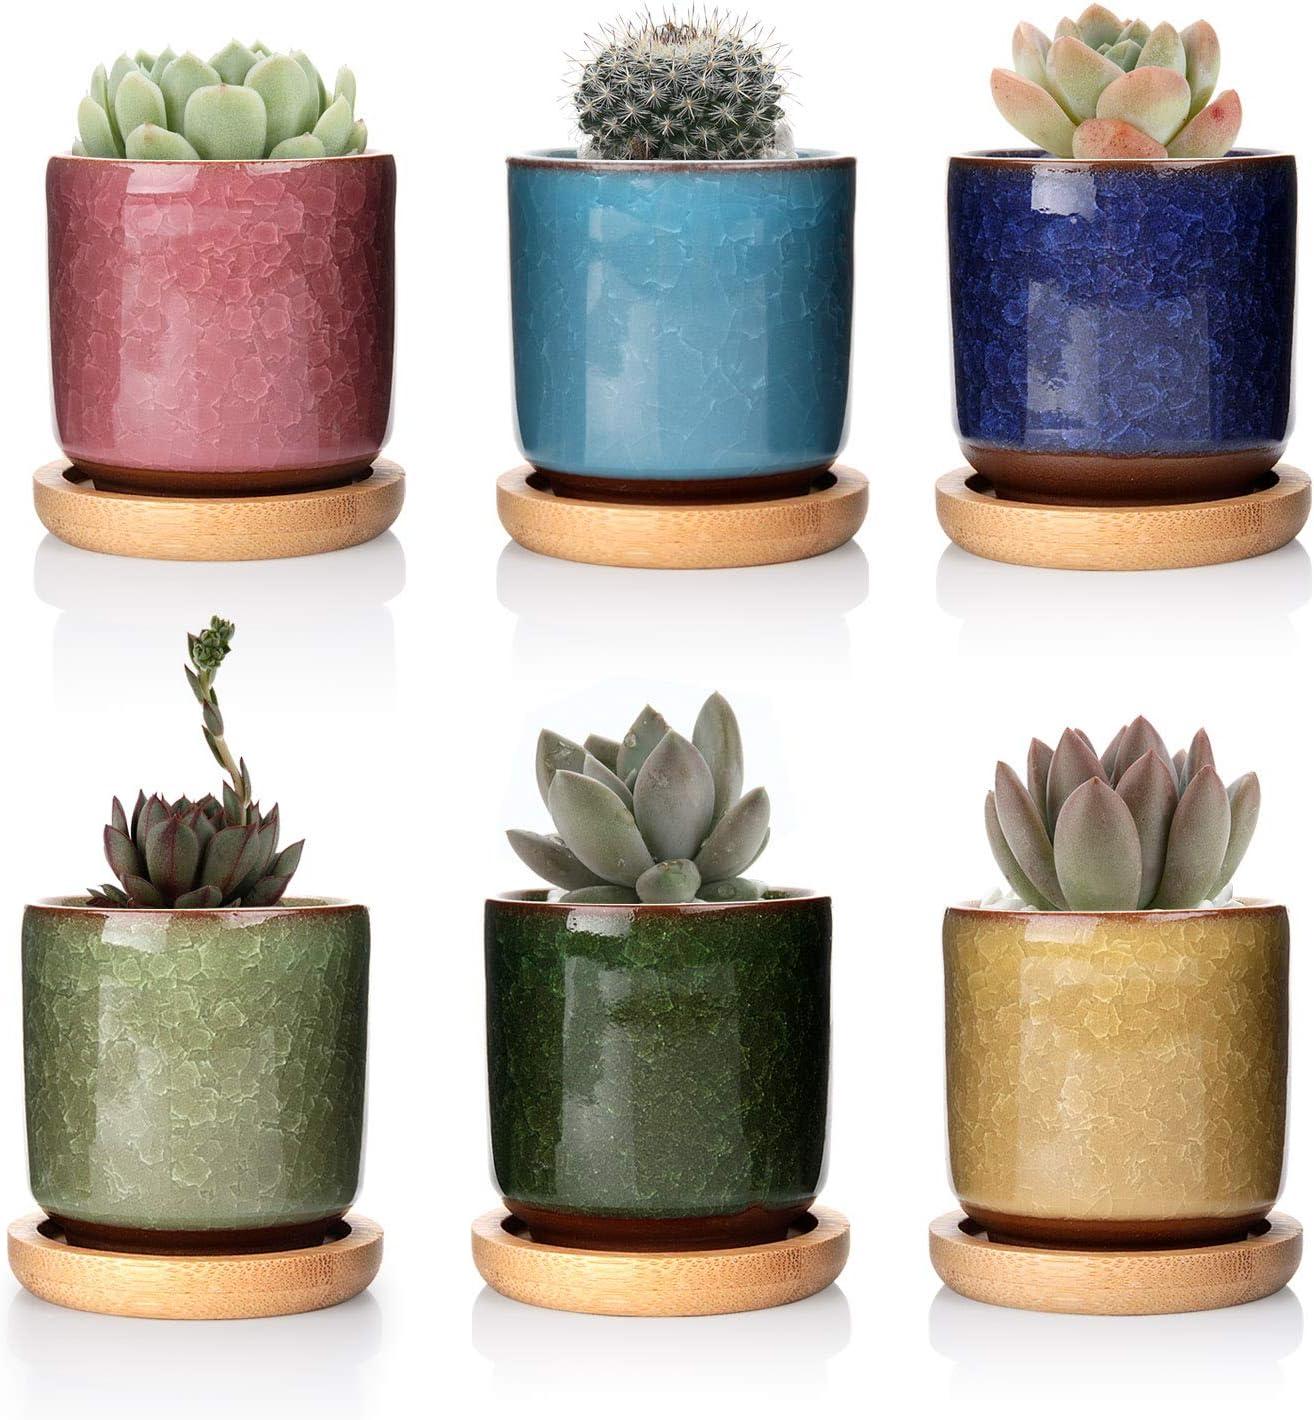 T4U 6.3cm Cerámico Grieta de Hielo Zisha Elevado Serie Suculento Maceta de Cactus Flor Macetas Envase Plantas Azul Claro con Bandejas de Todo Color Conjunto de 6